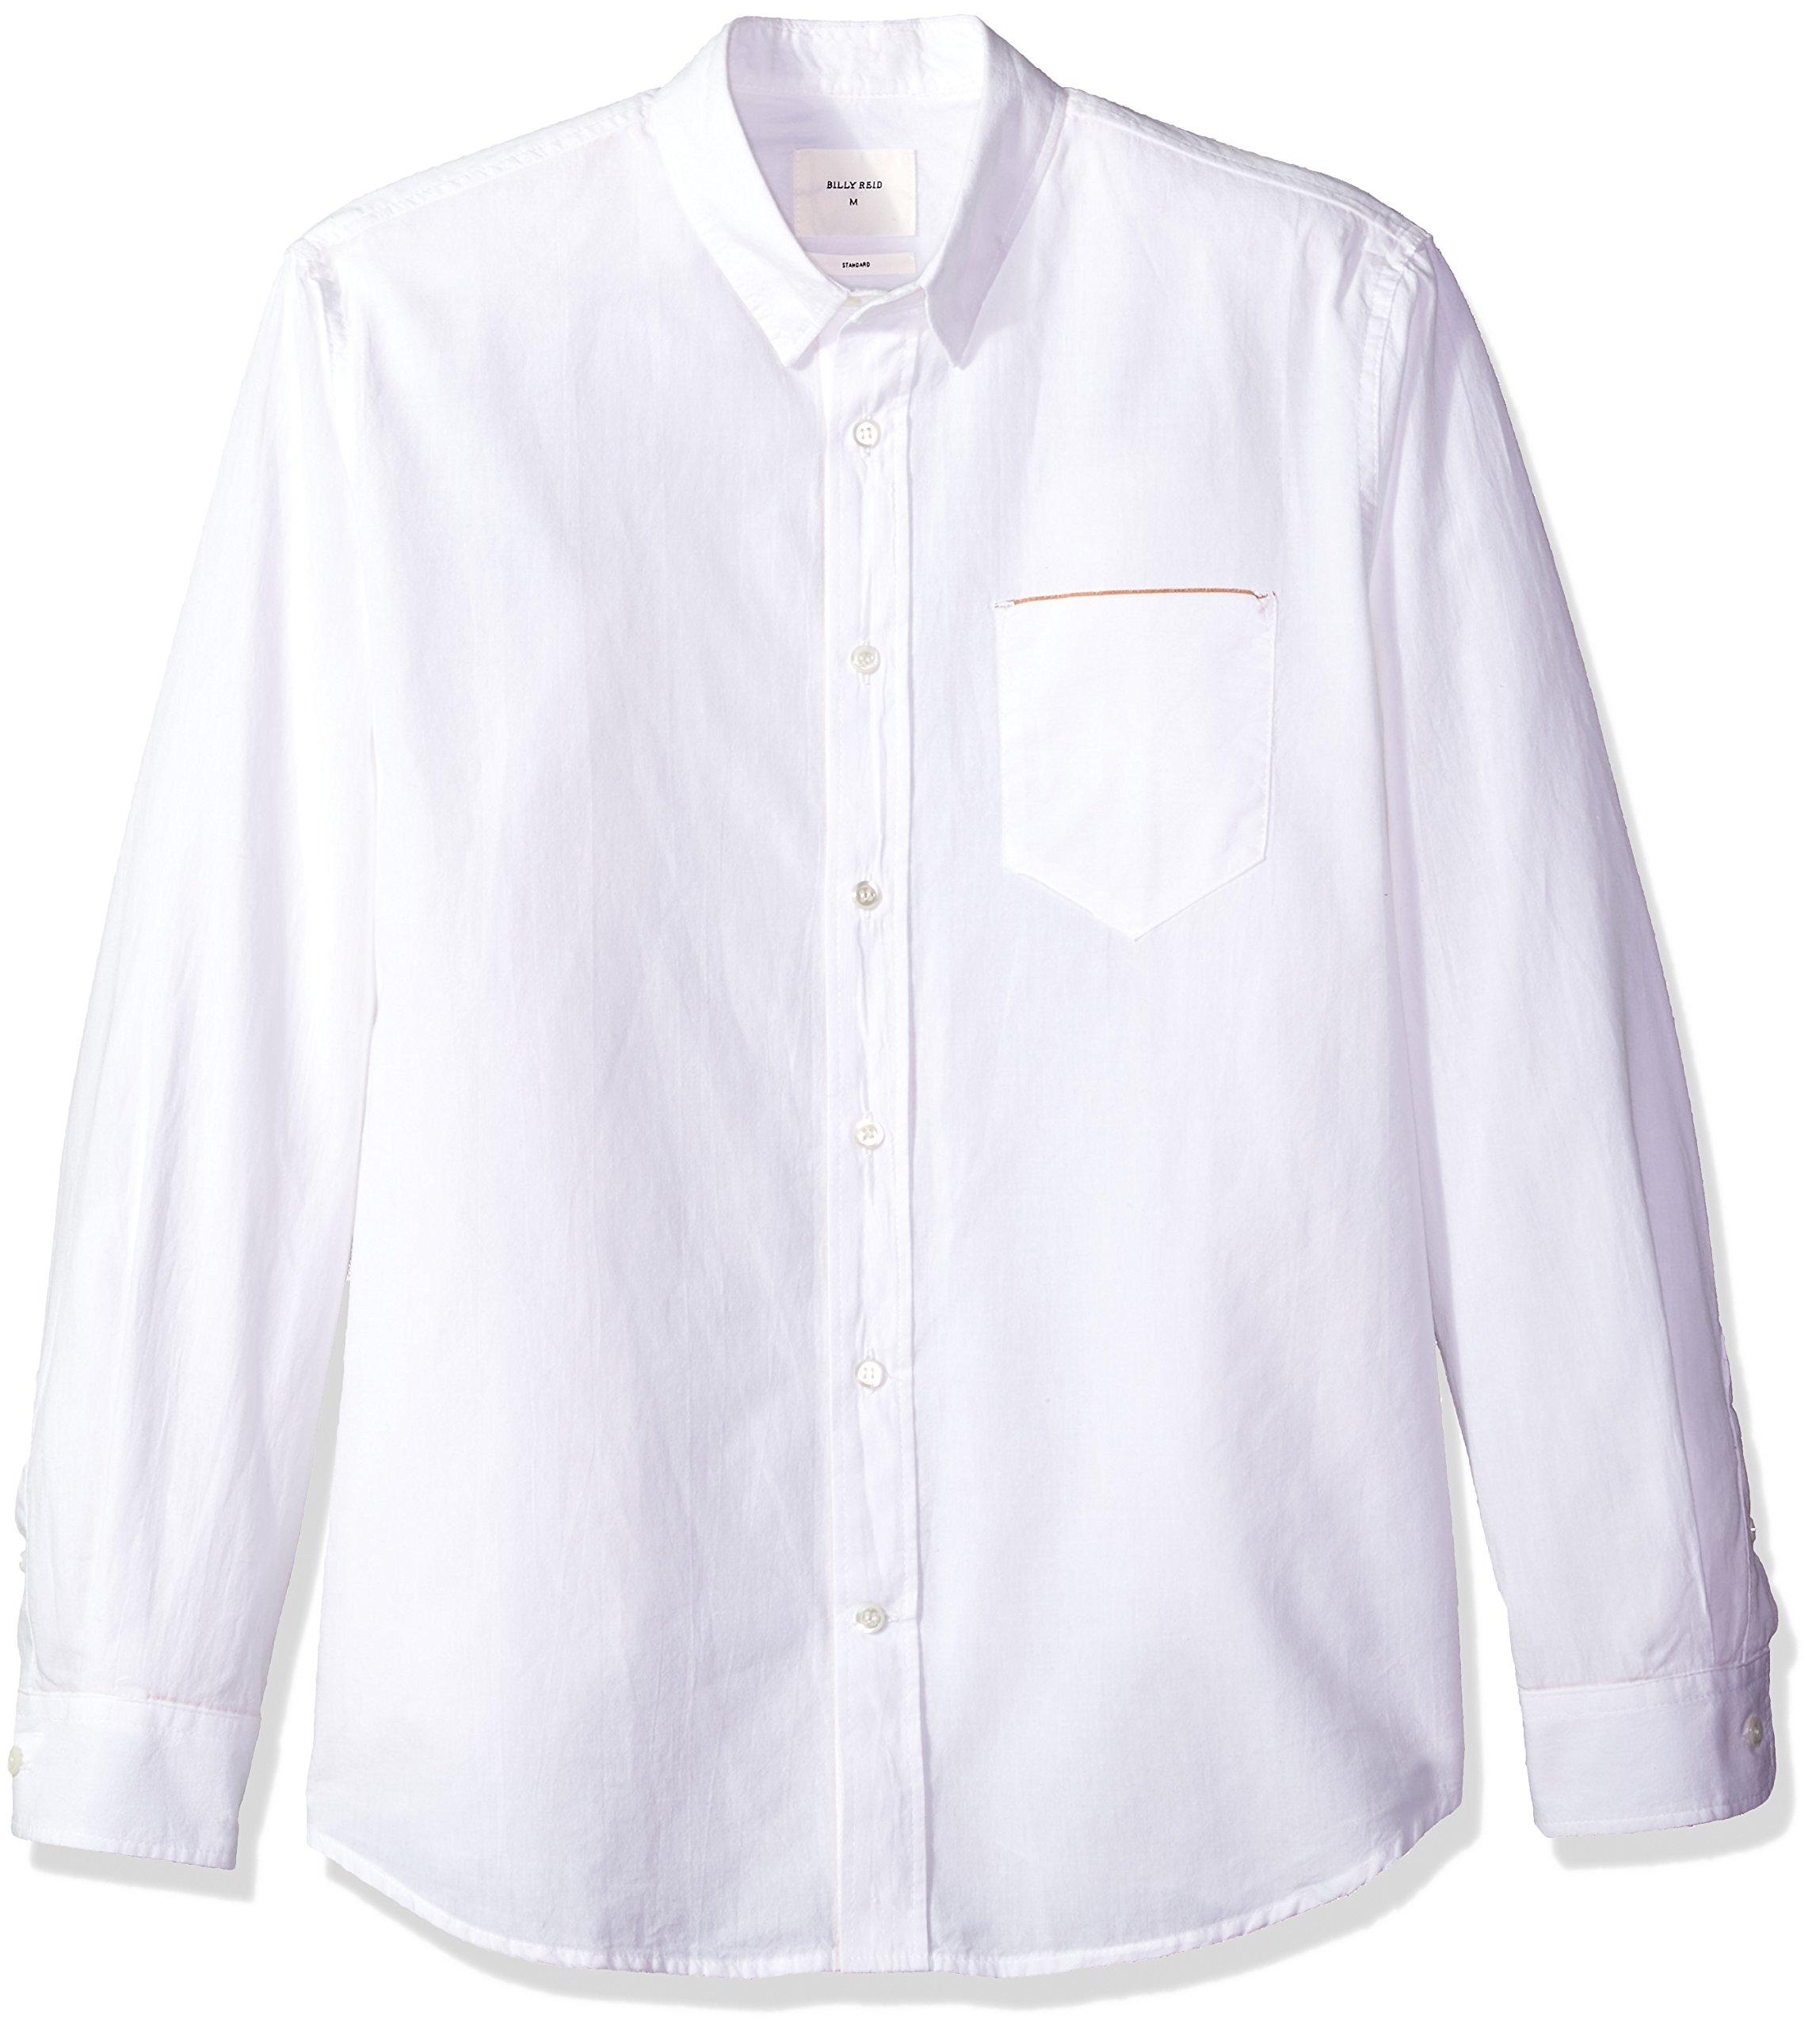 Billy Reid Men's Standard Fit Selvedge Pocket Button Down Shirt